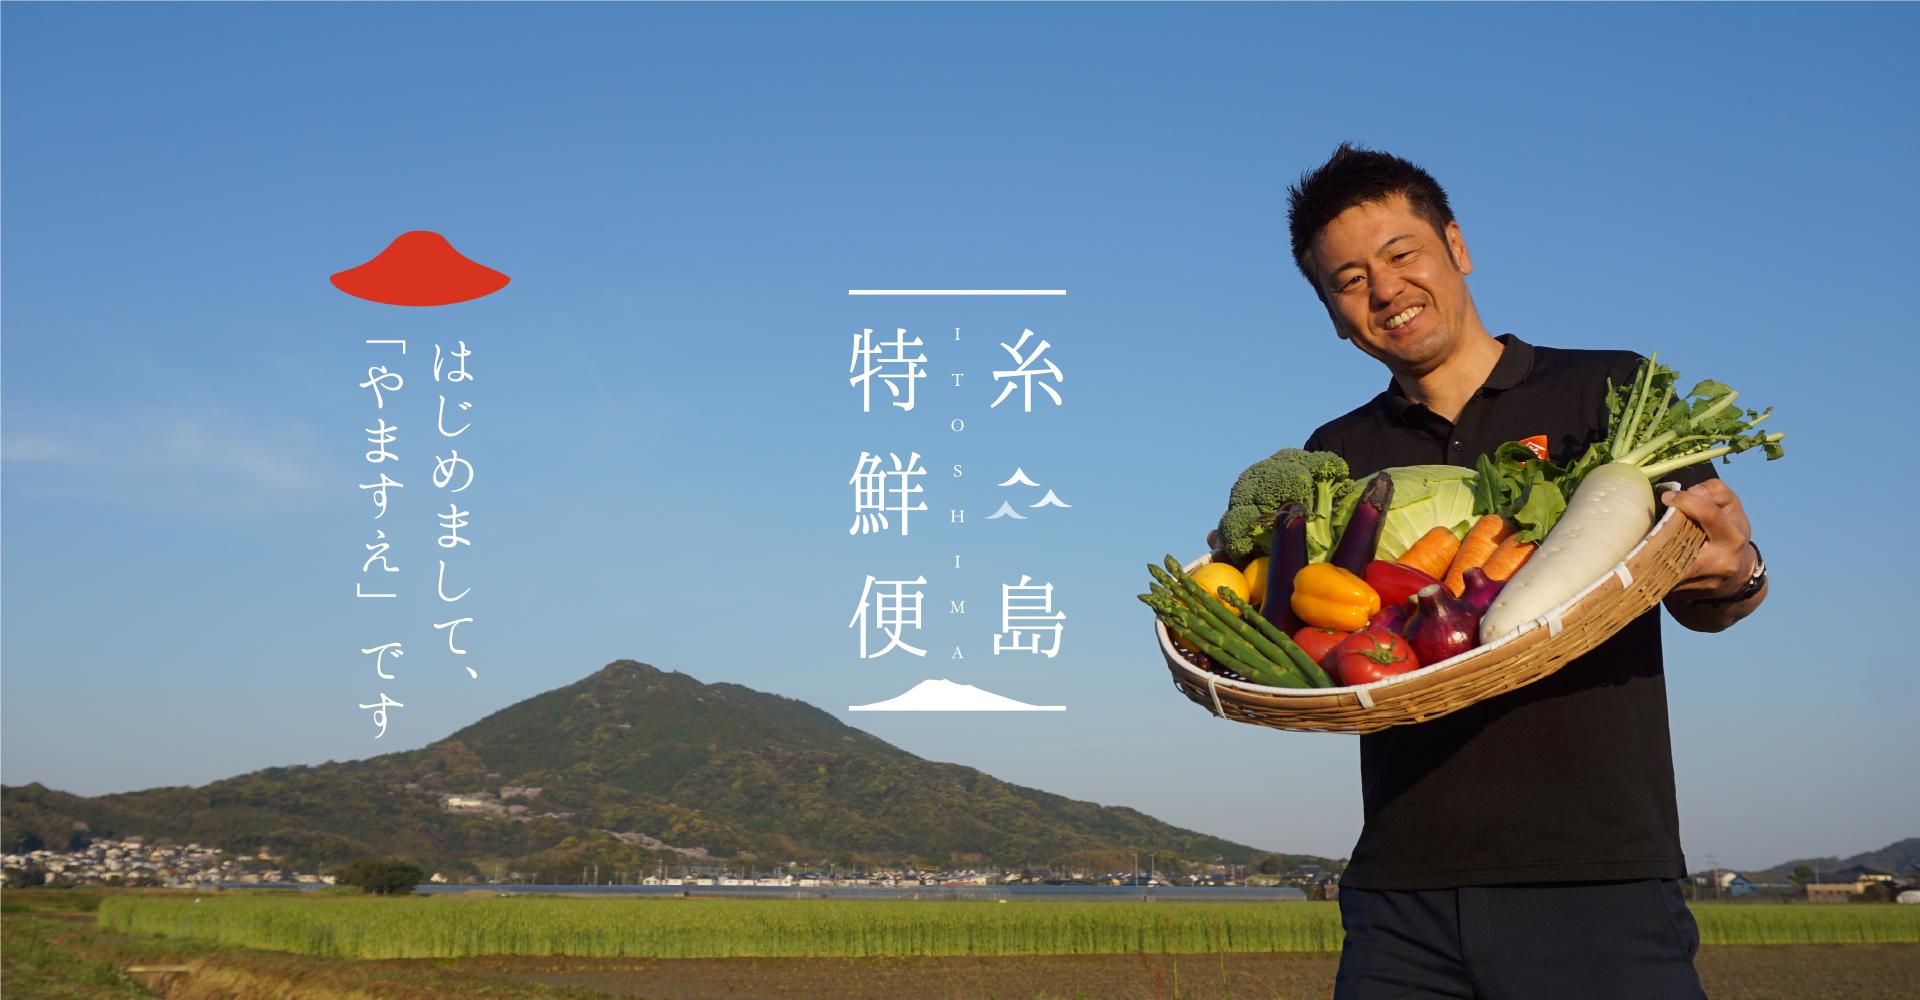 糸島特鮮便 糸島の新鮮食材をお届けします